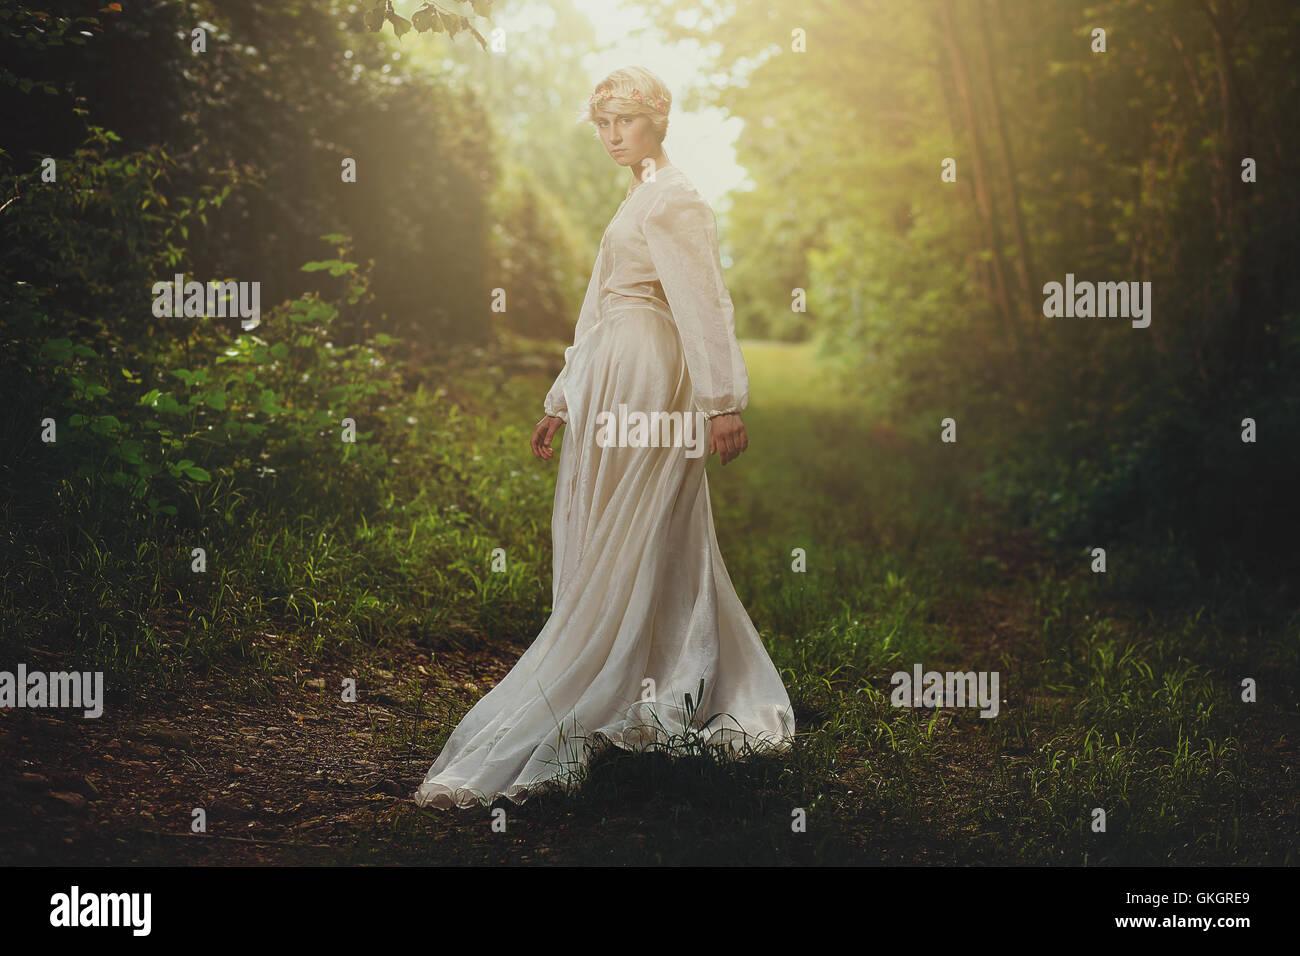 Schöne blonde Mädchen in verträumten Wäldern. Fantasie und surreal Stockbild